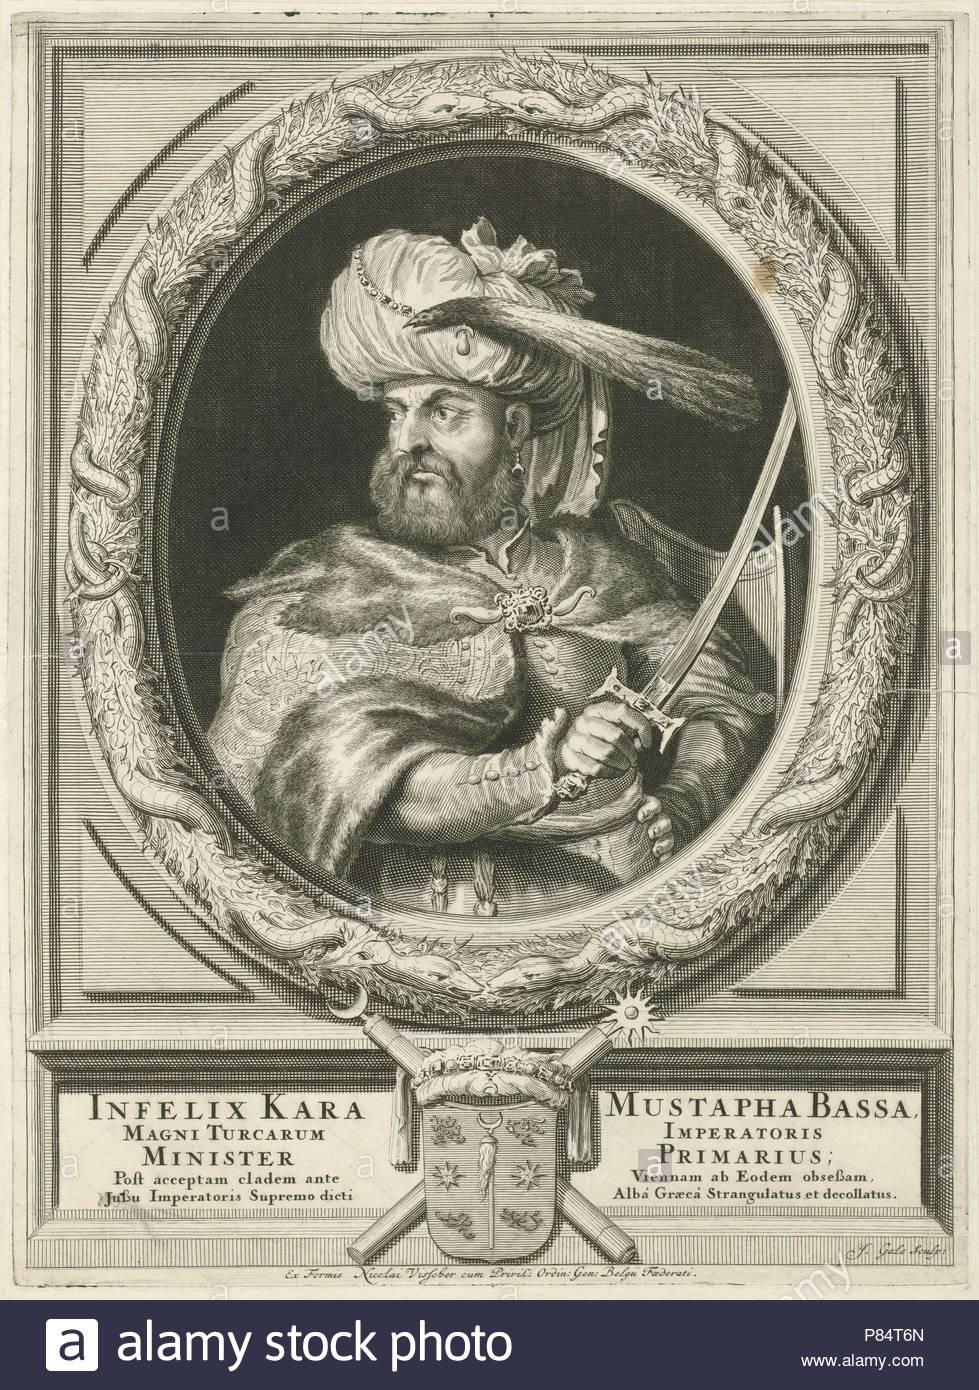 Portrait of Kara Mustafa Pasha, Jacob Gole, Nicolaas Visscher (II), Republiek der Zeven Verenigde Nederlanden, 1670 - 1724. - Stock Image